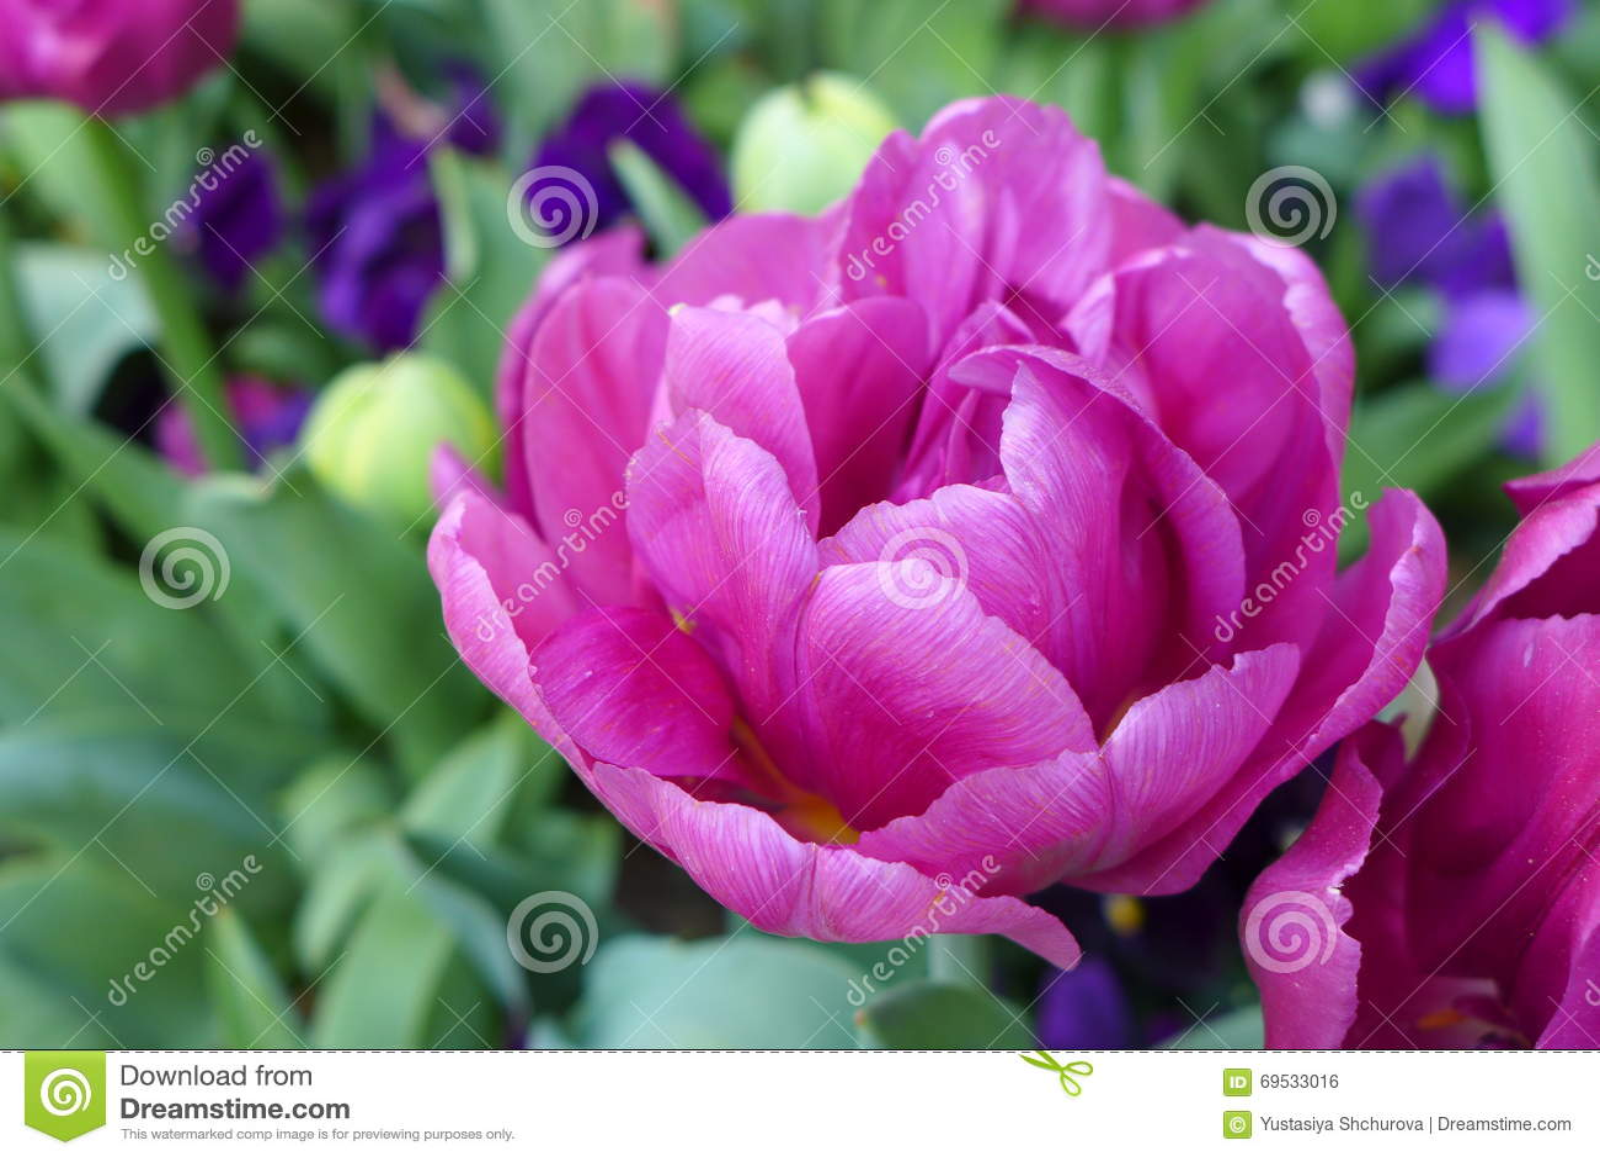 紫色郁金香价格_库存照片: 紫色郁金香